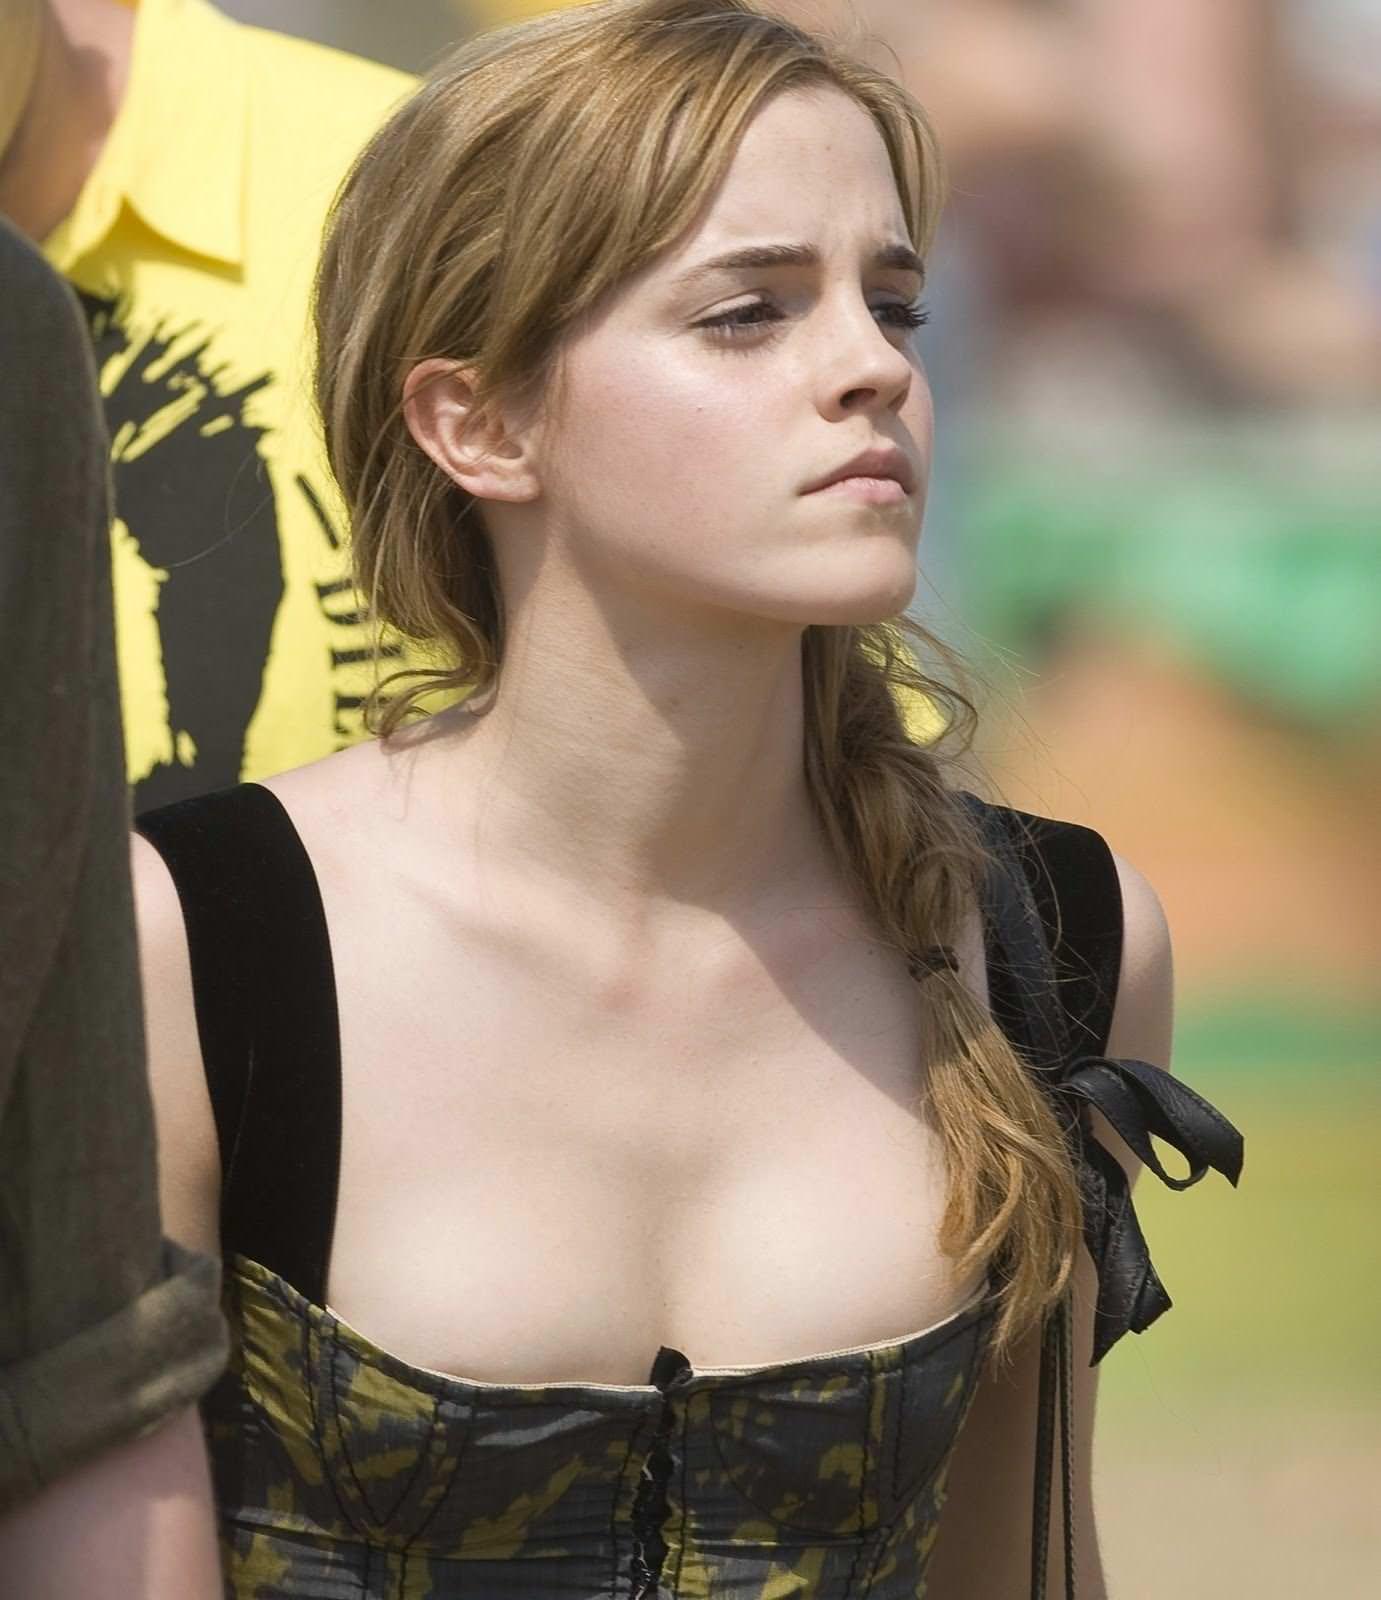 【外人】激カワセレブのエマ・ワトソン(Emma Watson)の胸チラぽろりなおっぱい流出ポルノ画像 2106